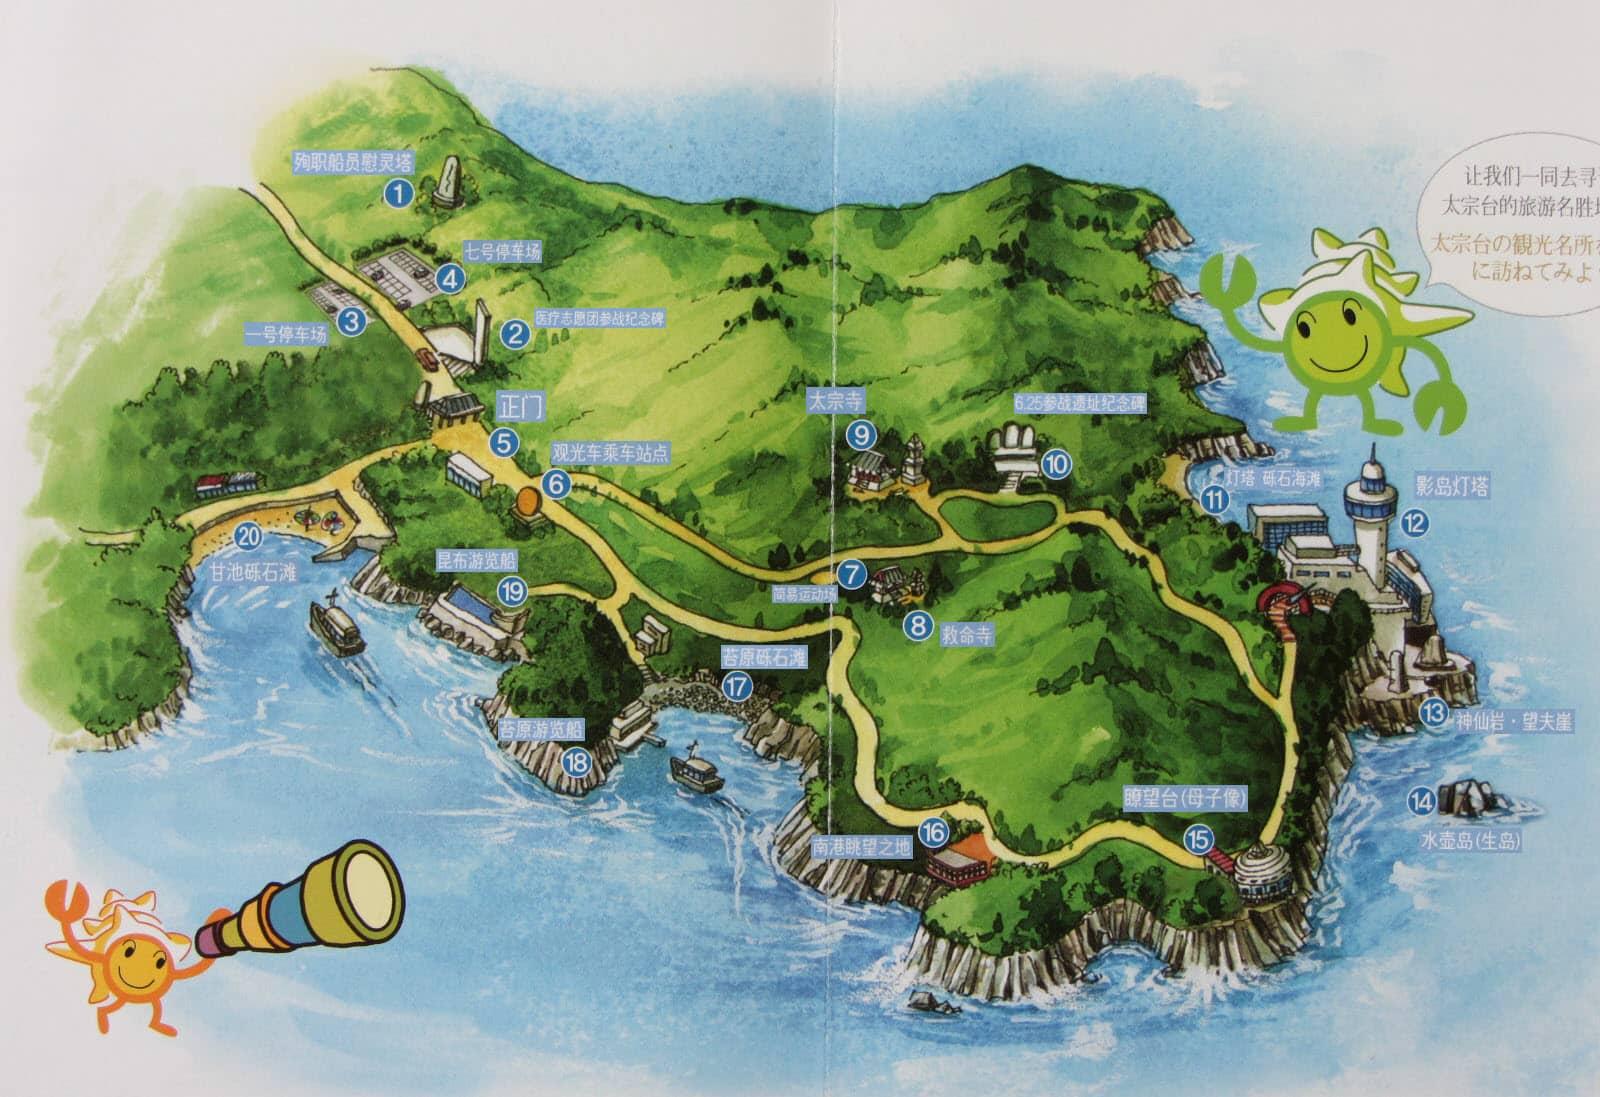 釜山太宗台遊園地遊覽地圖